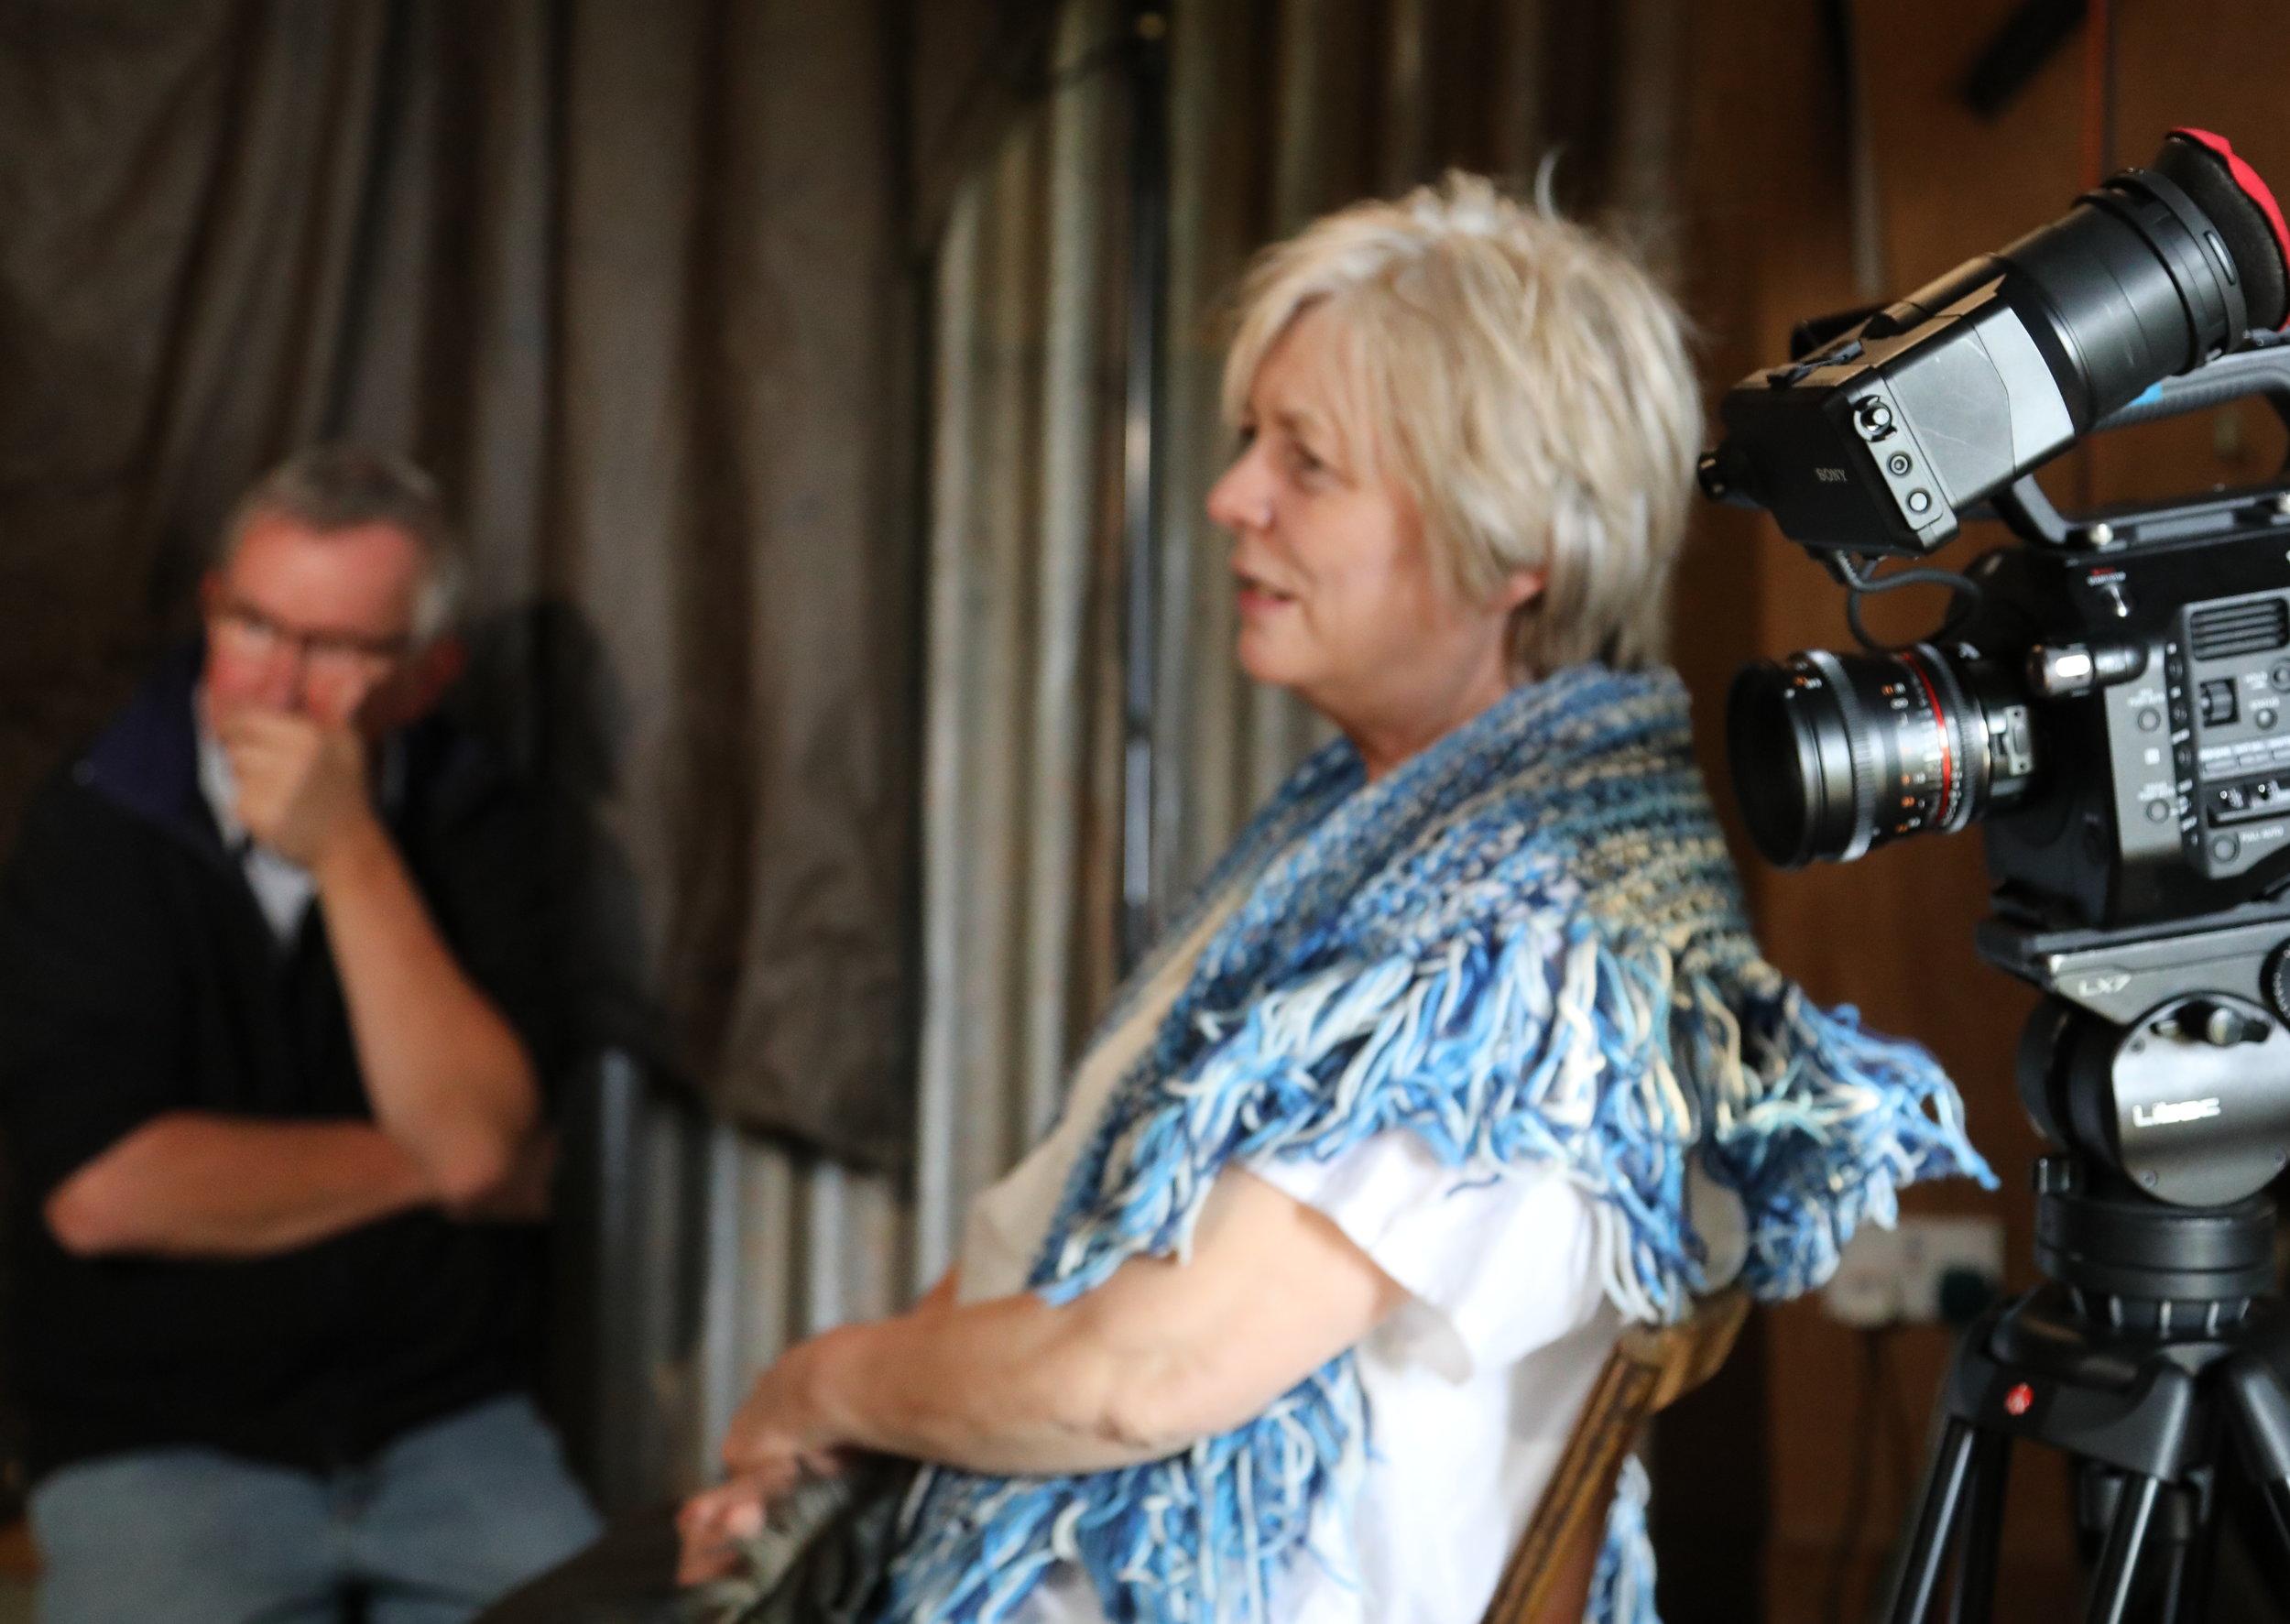 Alison Steadman on Off Grid film set